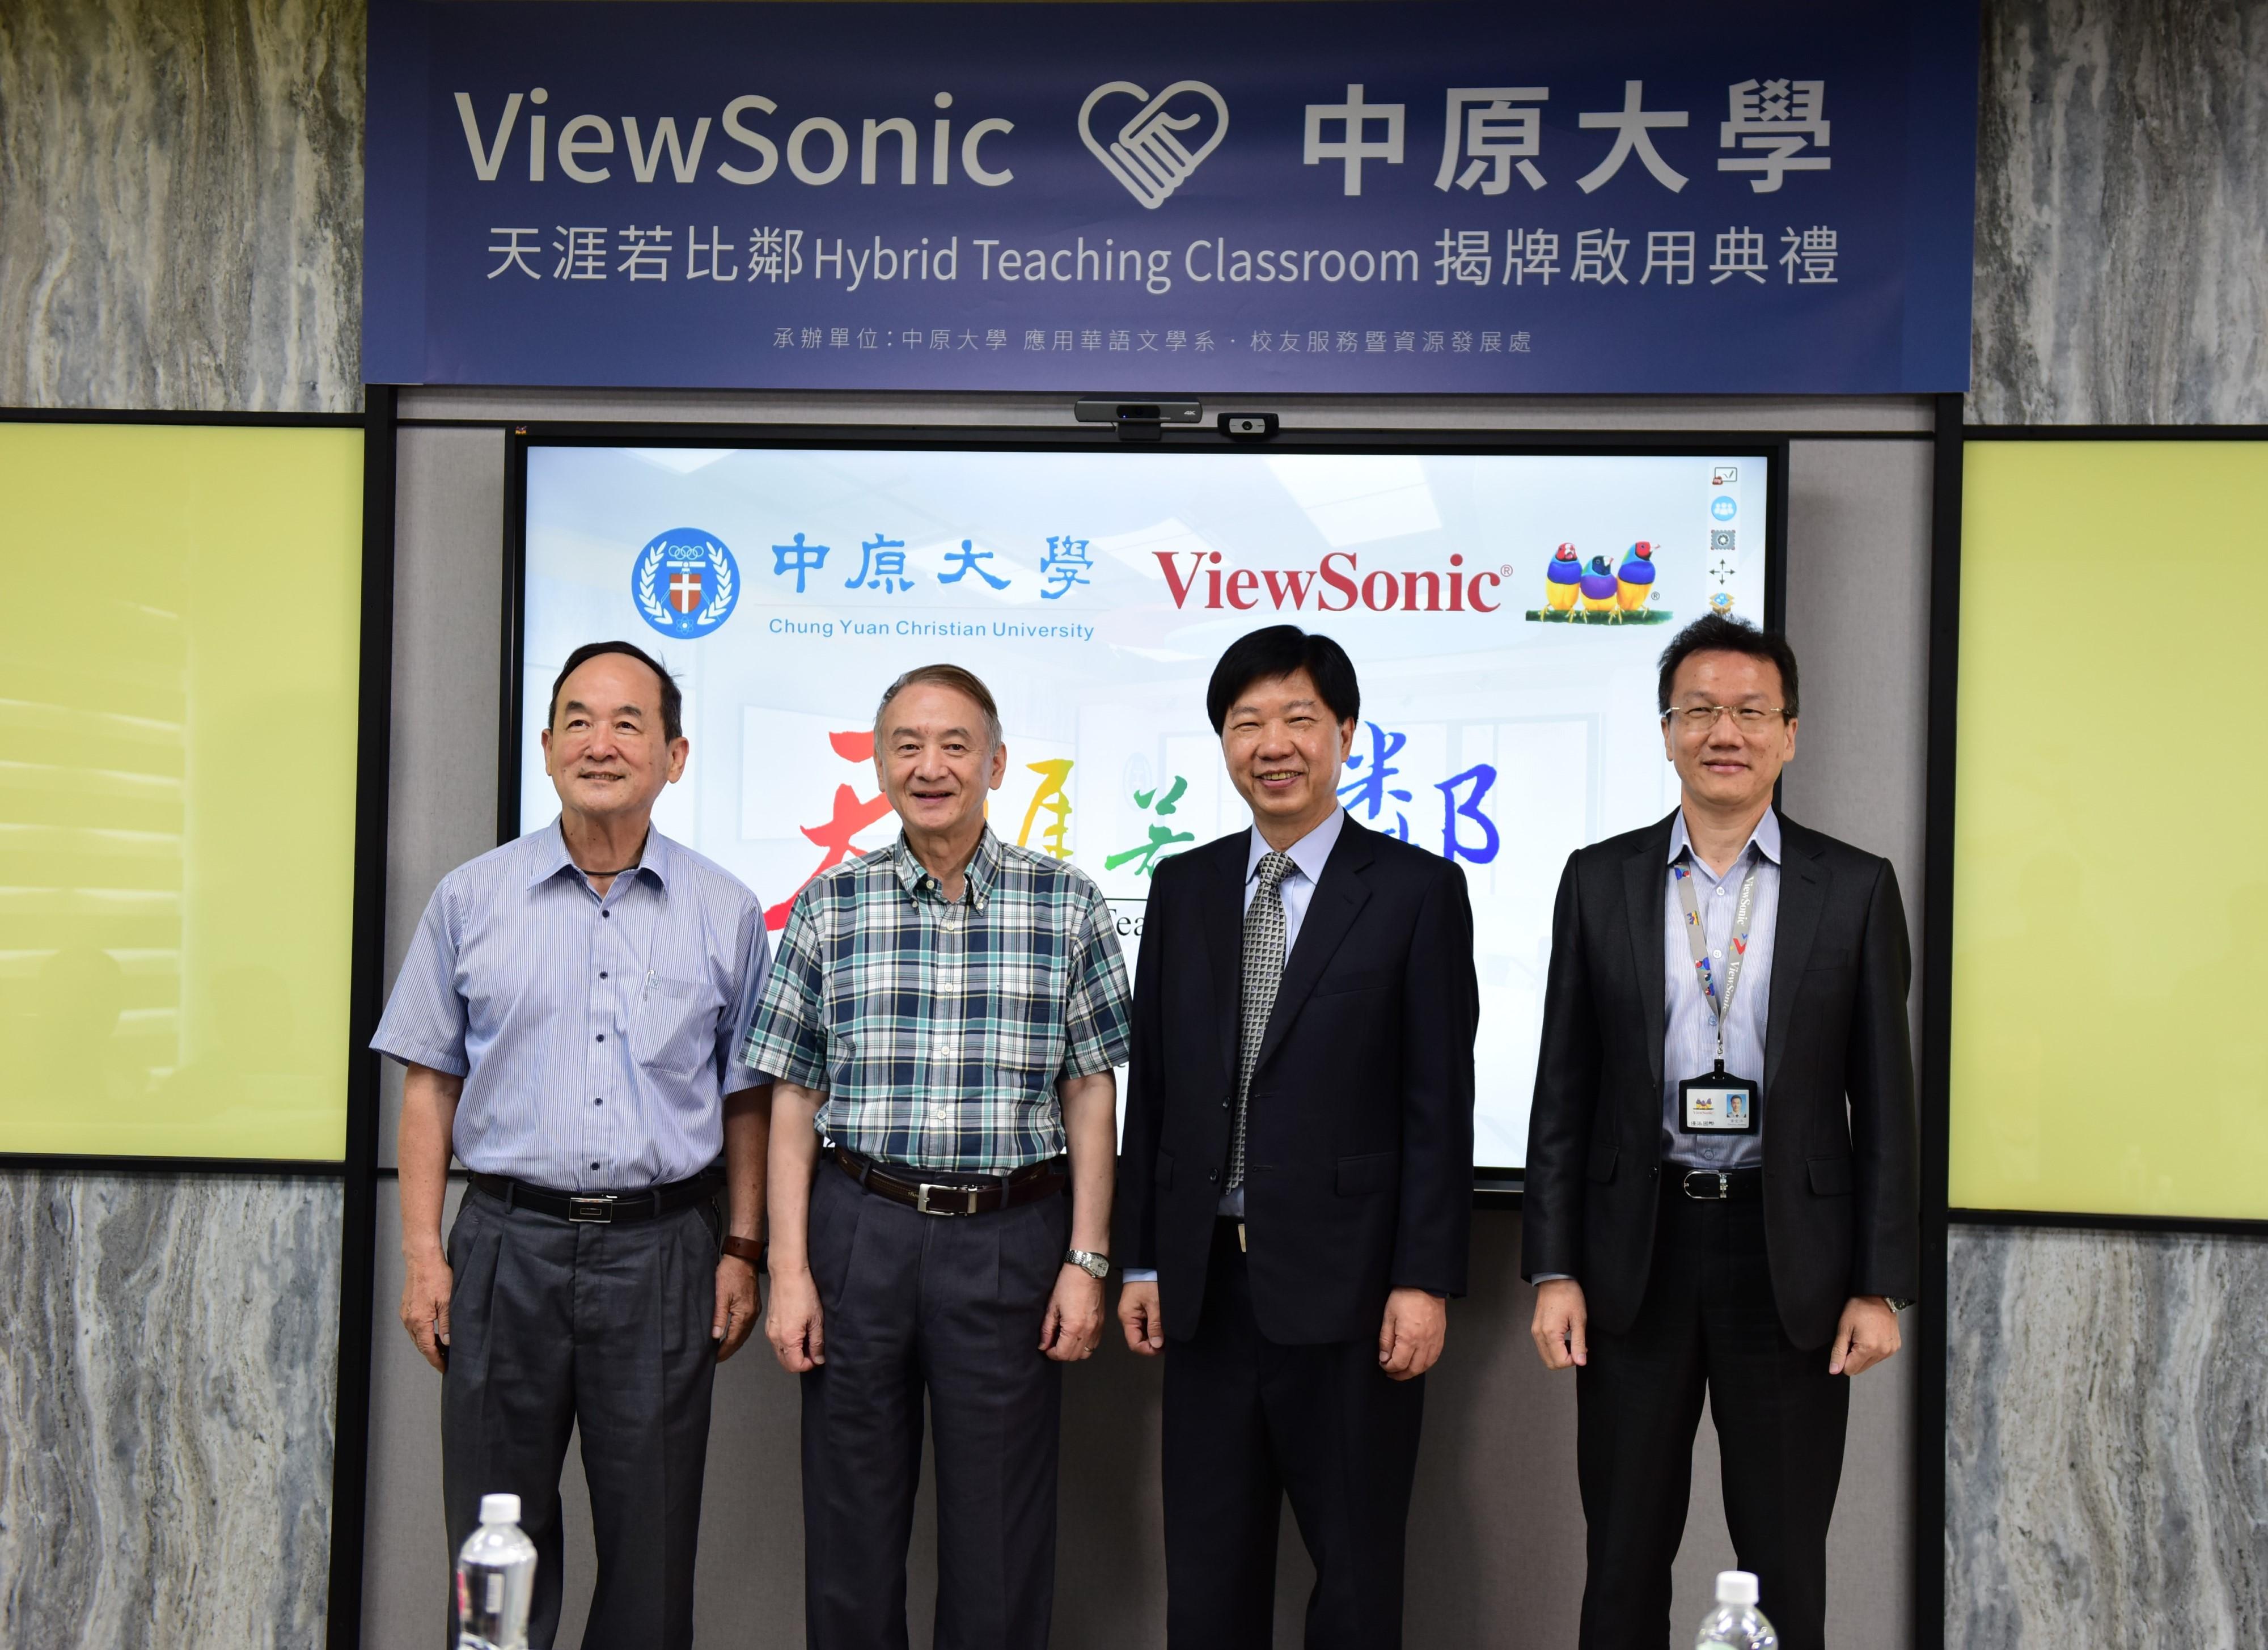 面對後疫情教育變革 中原大學攜手ViewSonic打造全球第一間Hybrid複合教學教室